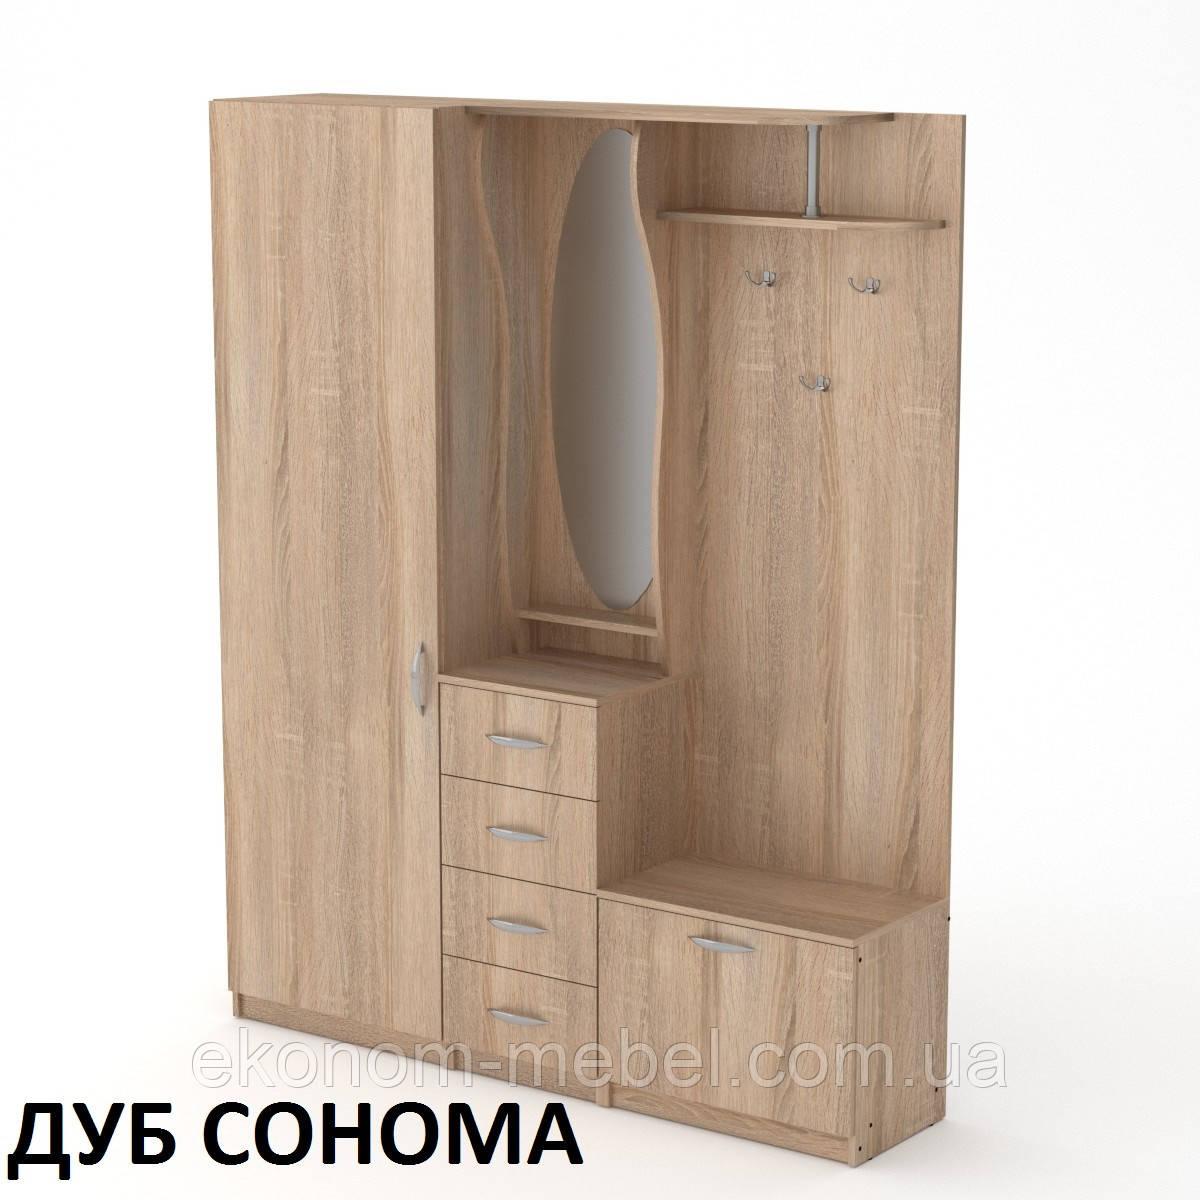 Прихожая-гарнитур Тамара узкая с ящиками Одесса